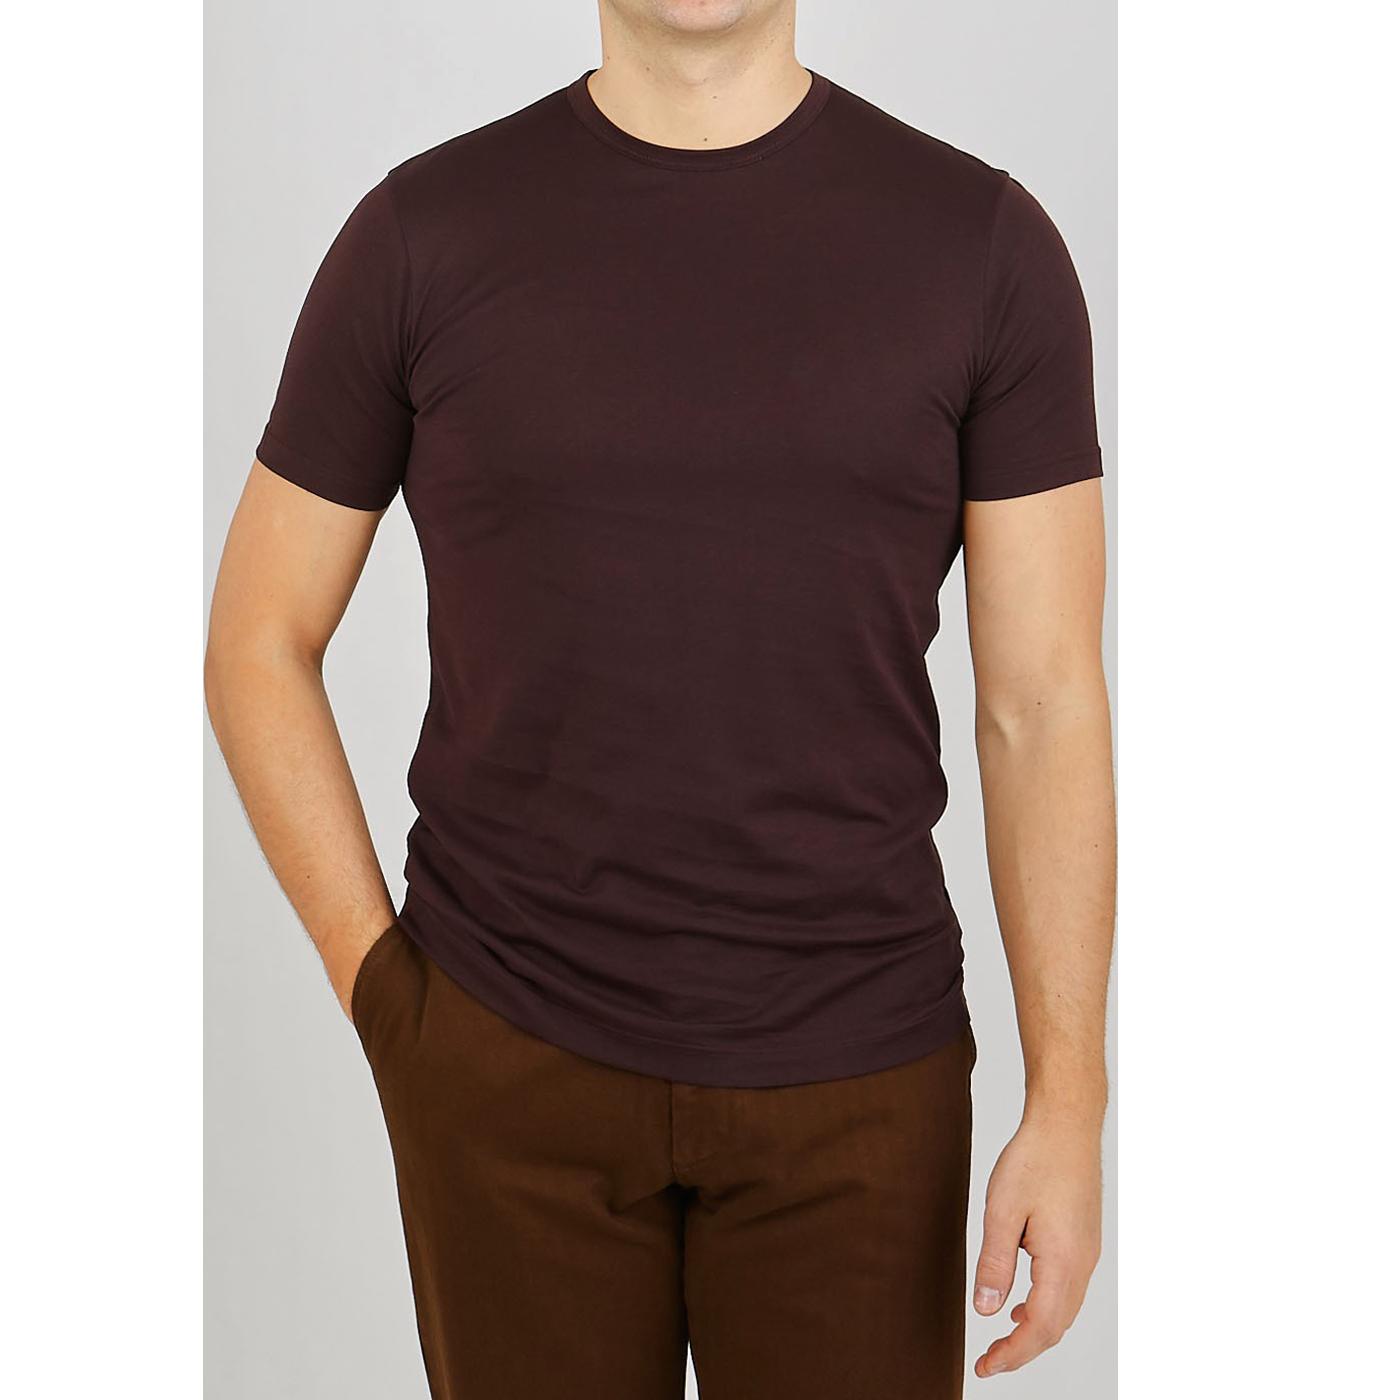 Sunspel Espresso Classic Cotton T-shirt Front